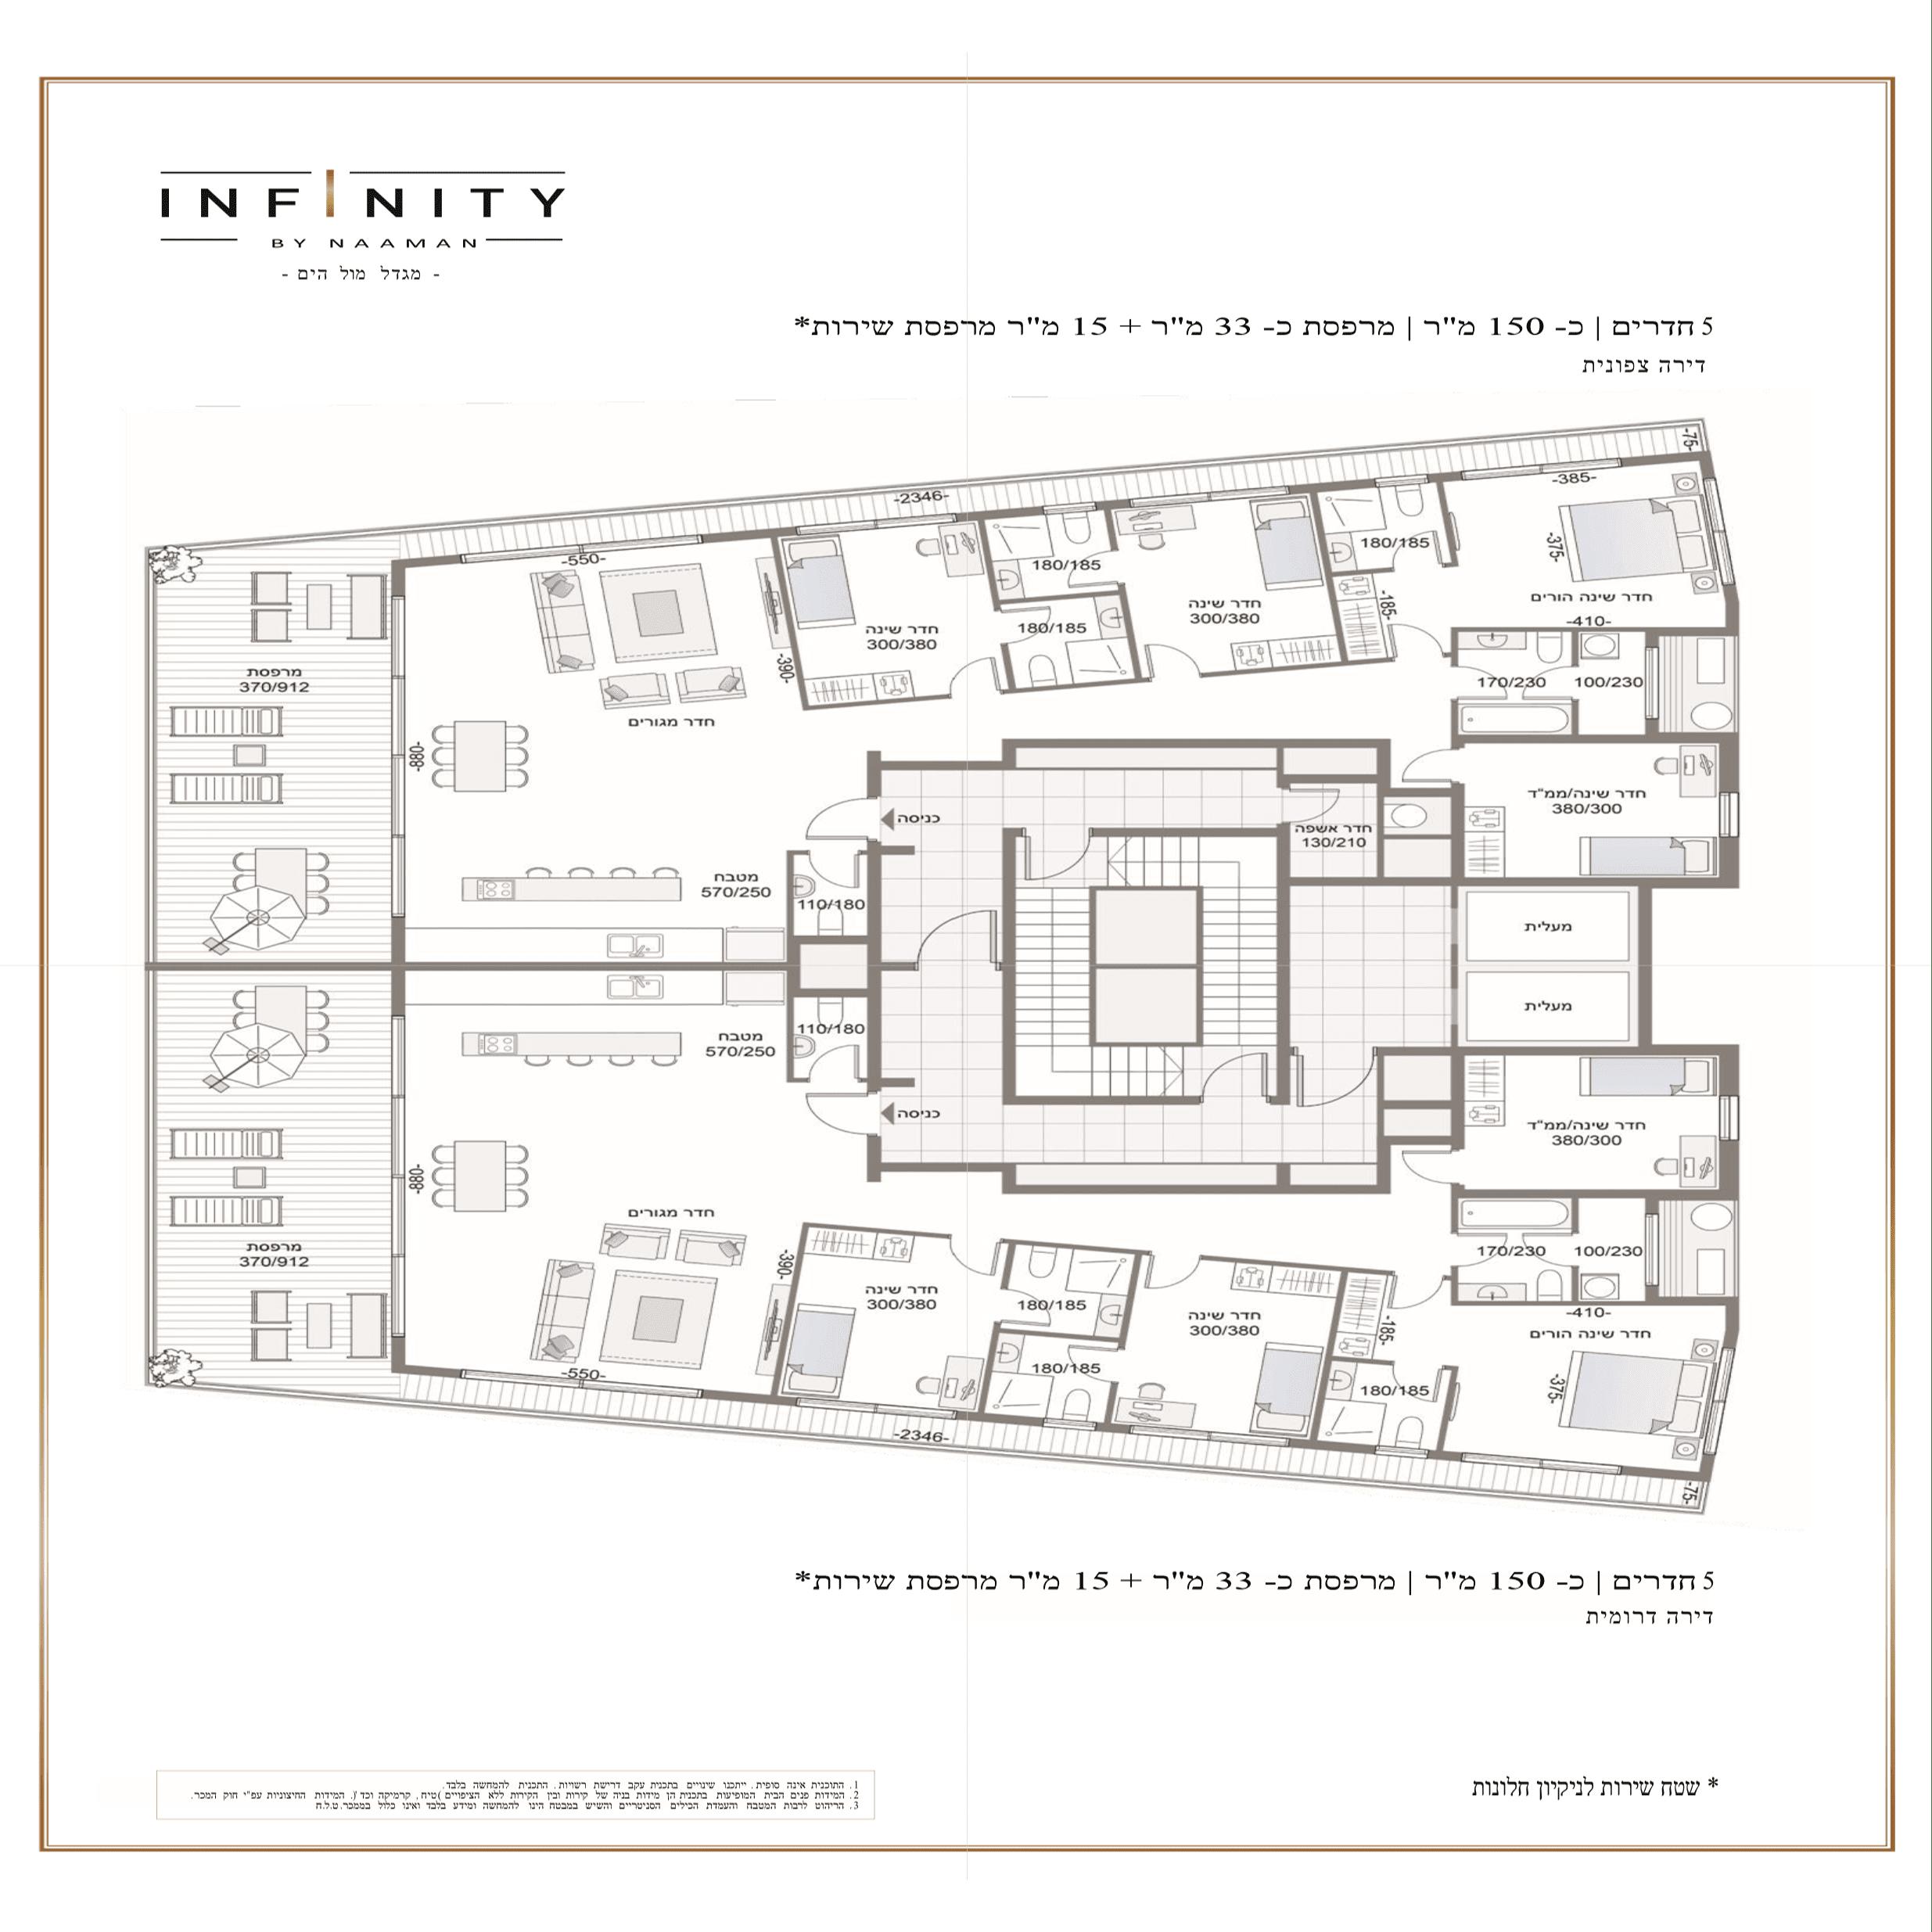 Infinity-floor-plan